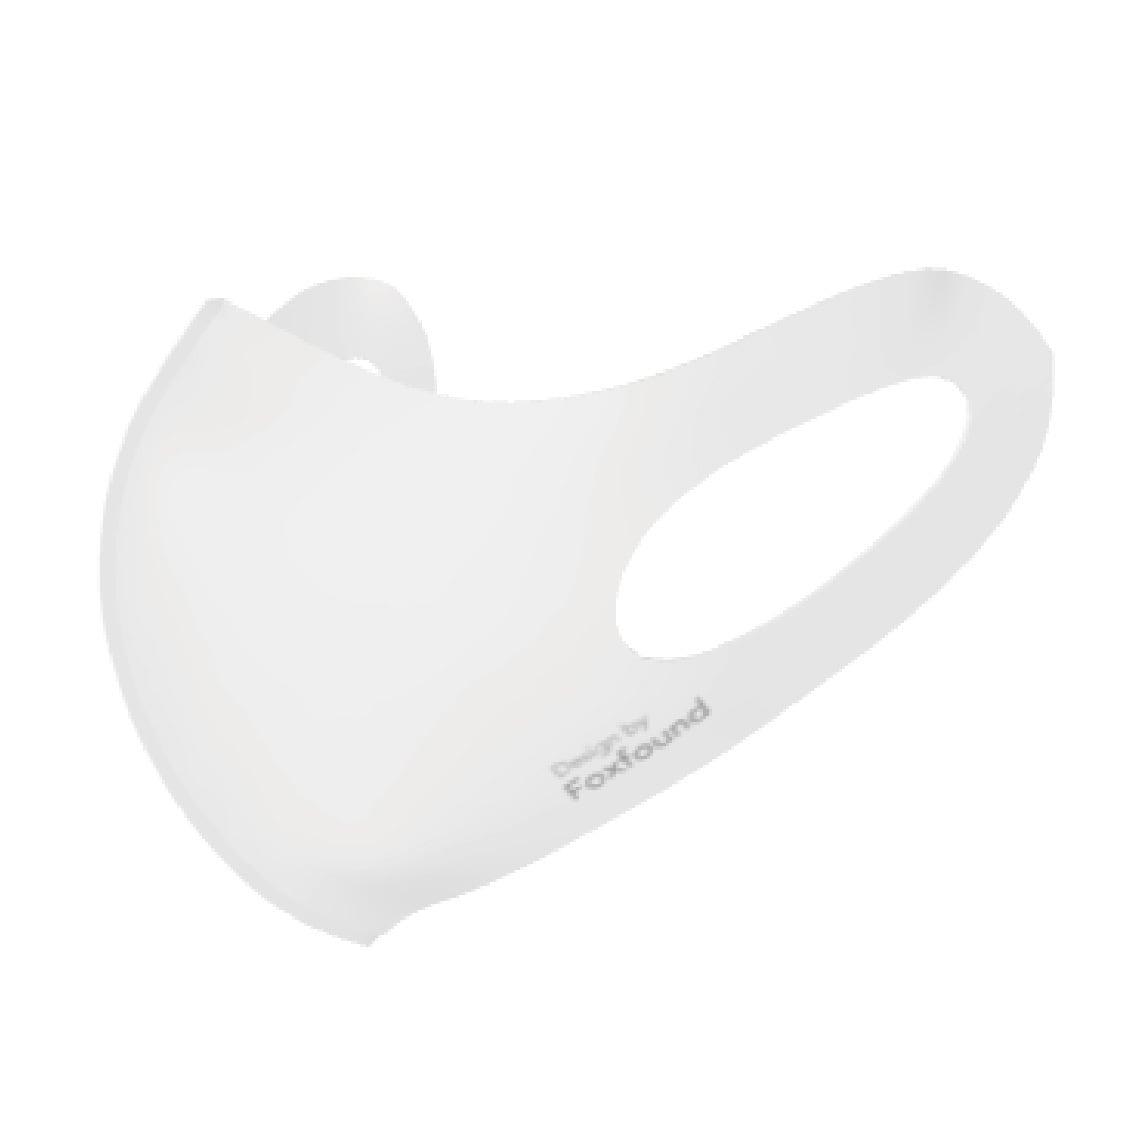 FOX FOUND 洗って使える マスク 50回洗濯OK 繰り返し使える UVカット 紫外線対策 伸縮素材でお顔にフィット 飛沫防止 耳が痛くなりにくい 日本製